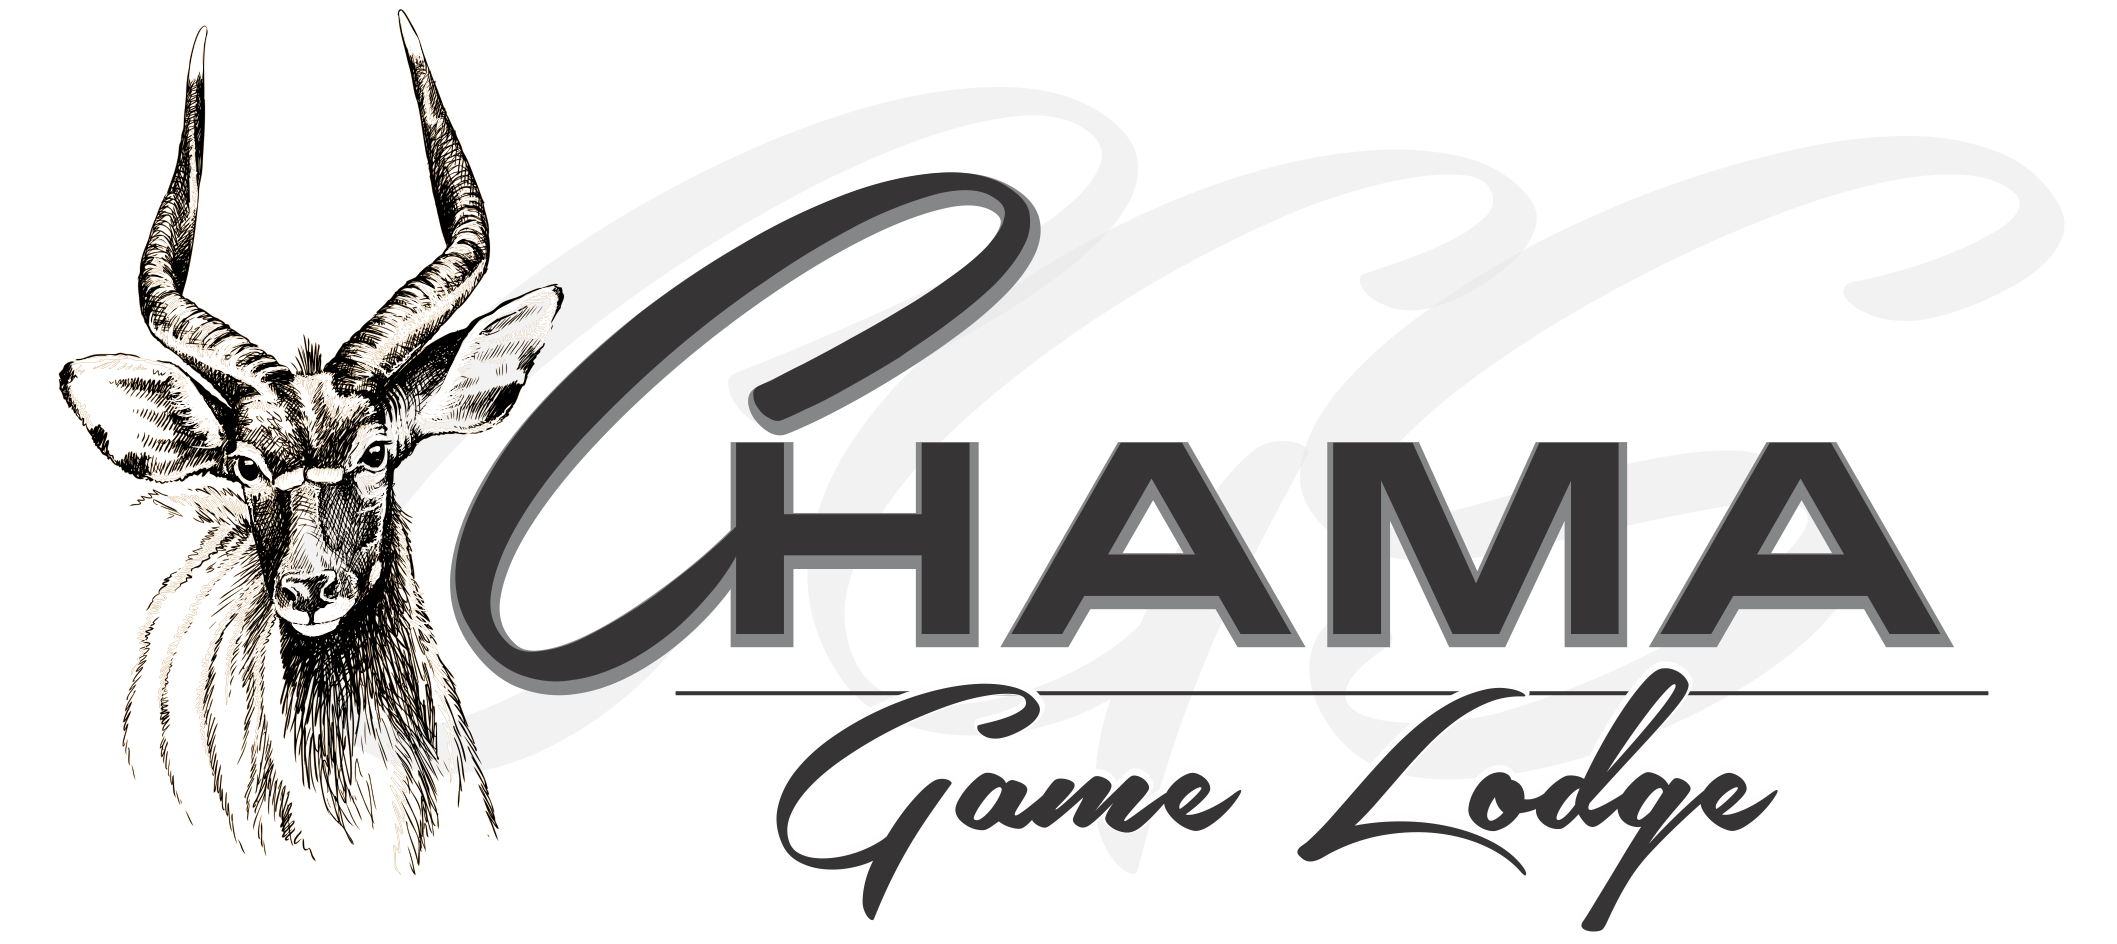 Chamagamelodge